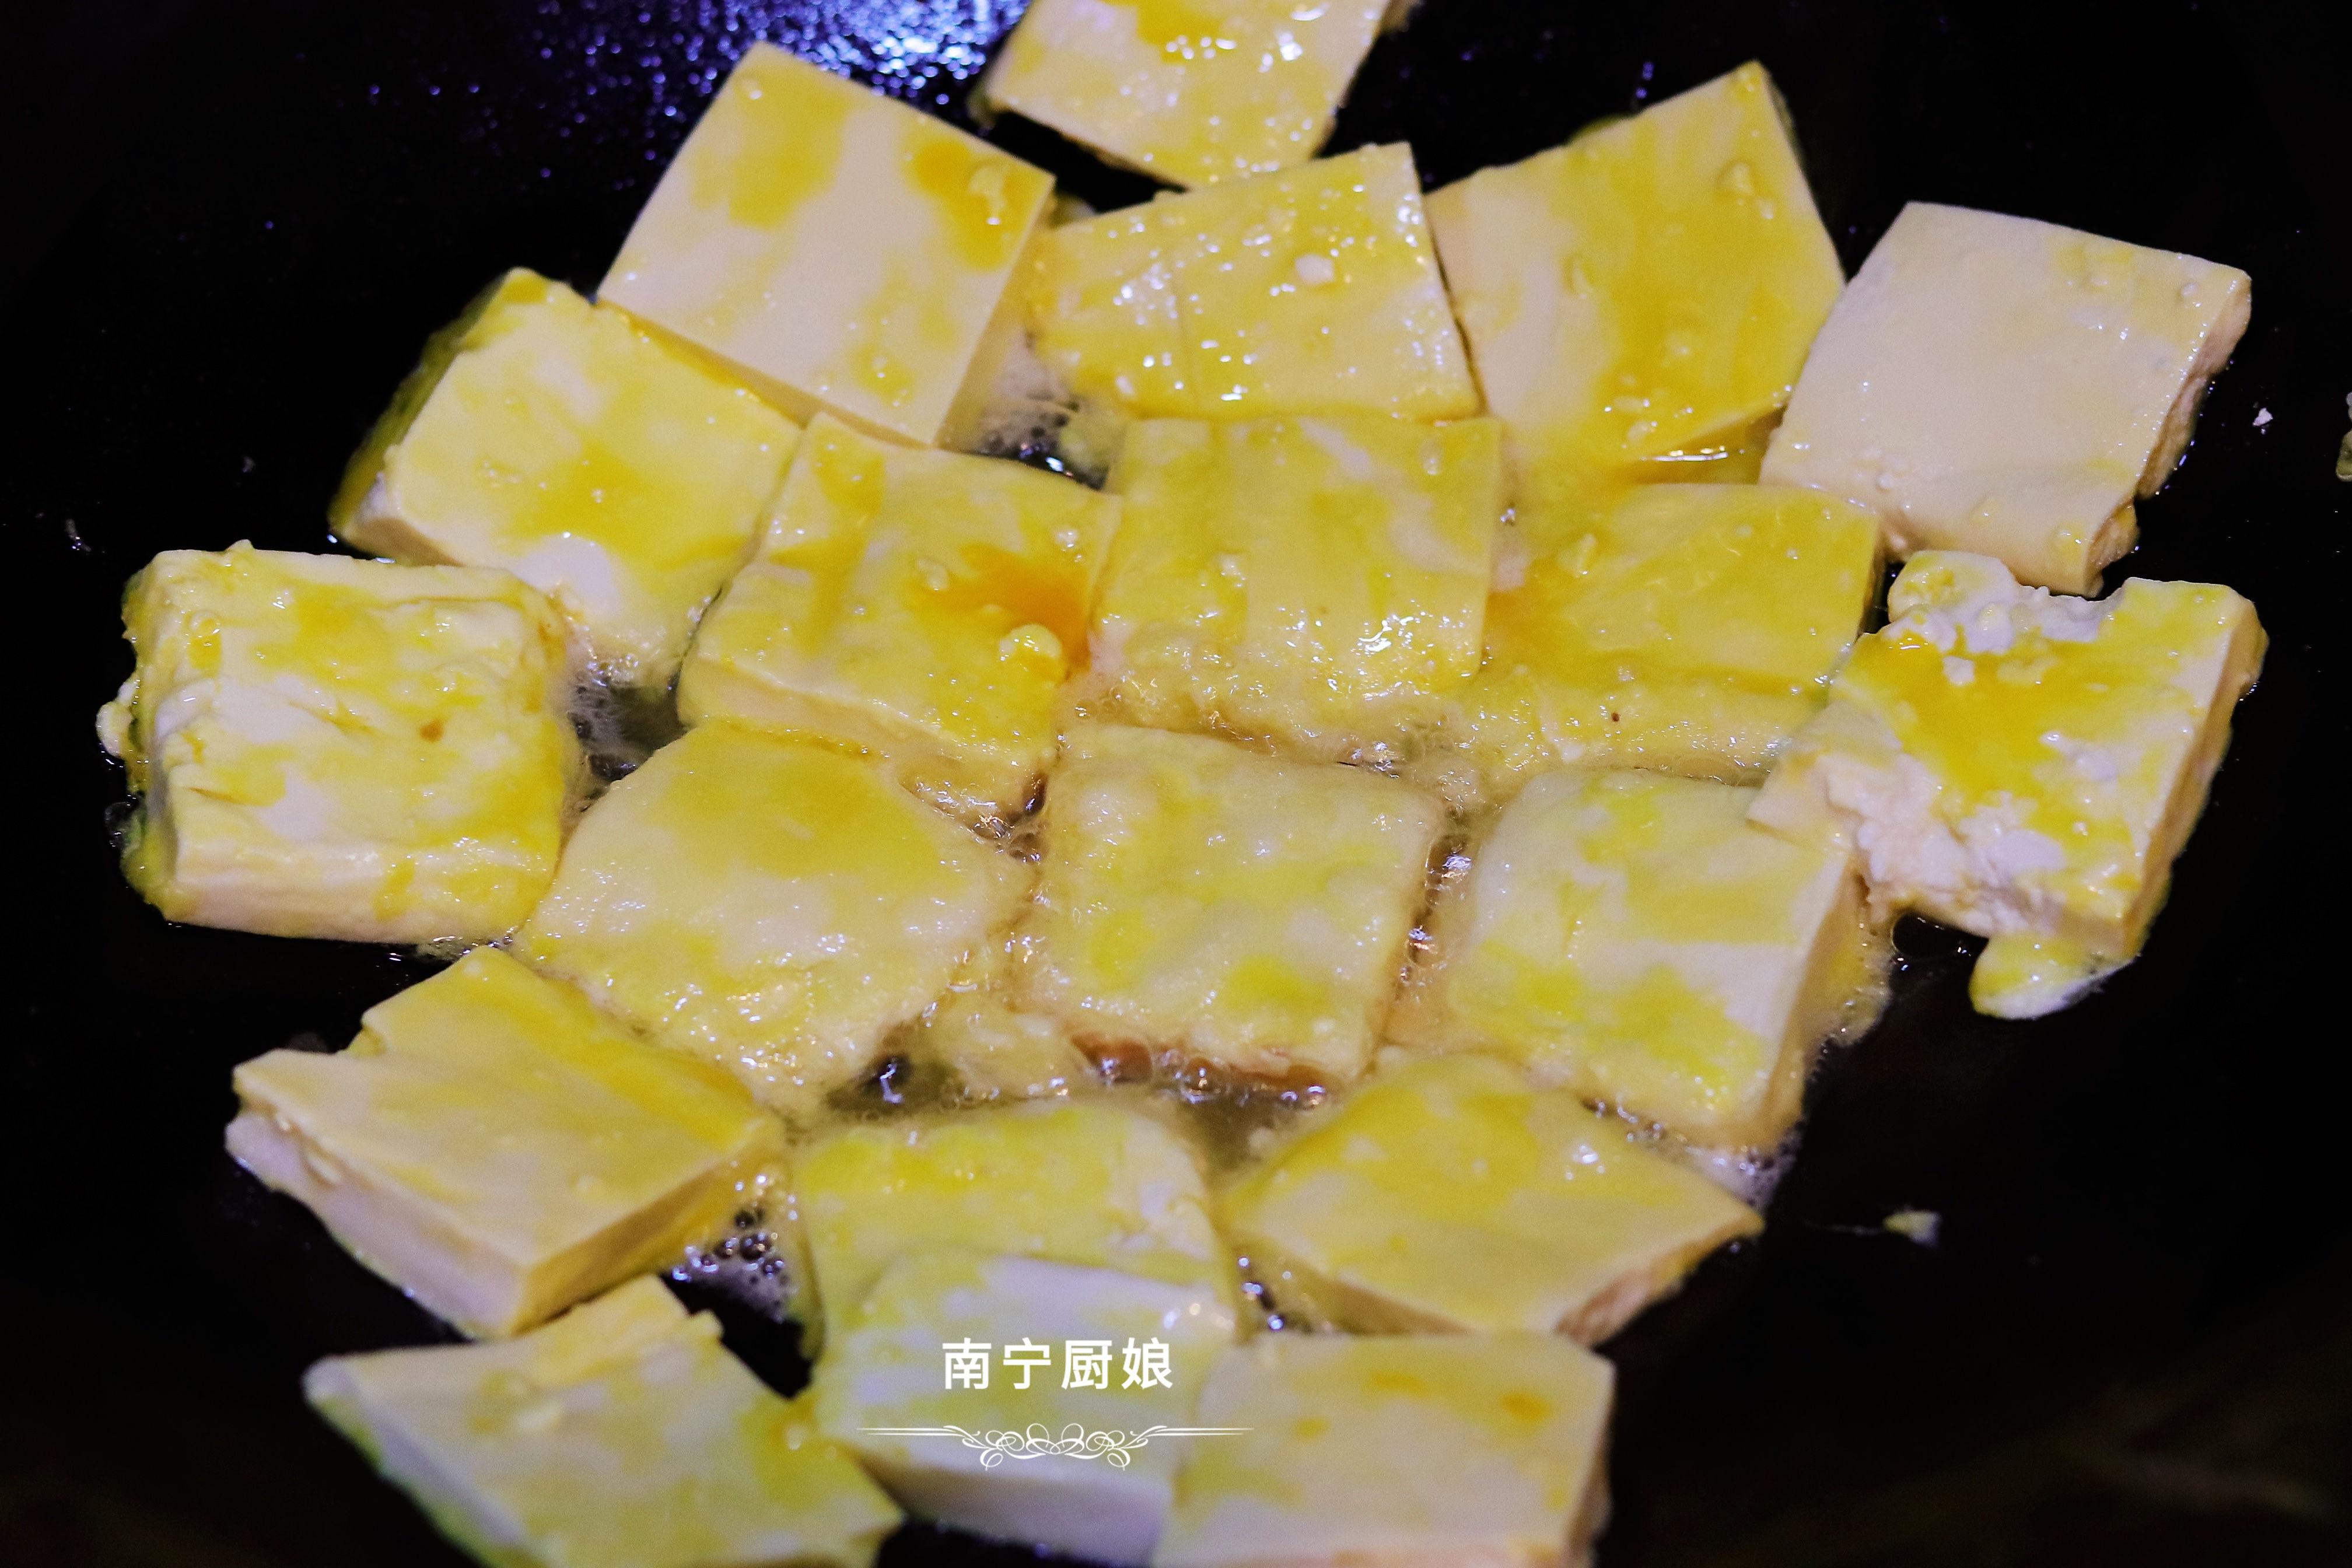 煎豆腐時,直接下鍋煎容易碎? 多做1步驟,豆腐完整不碎還更入味